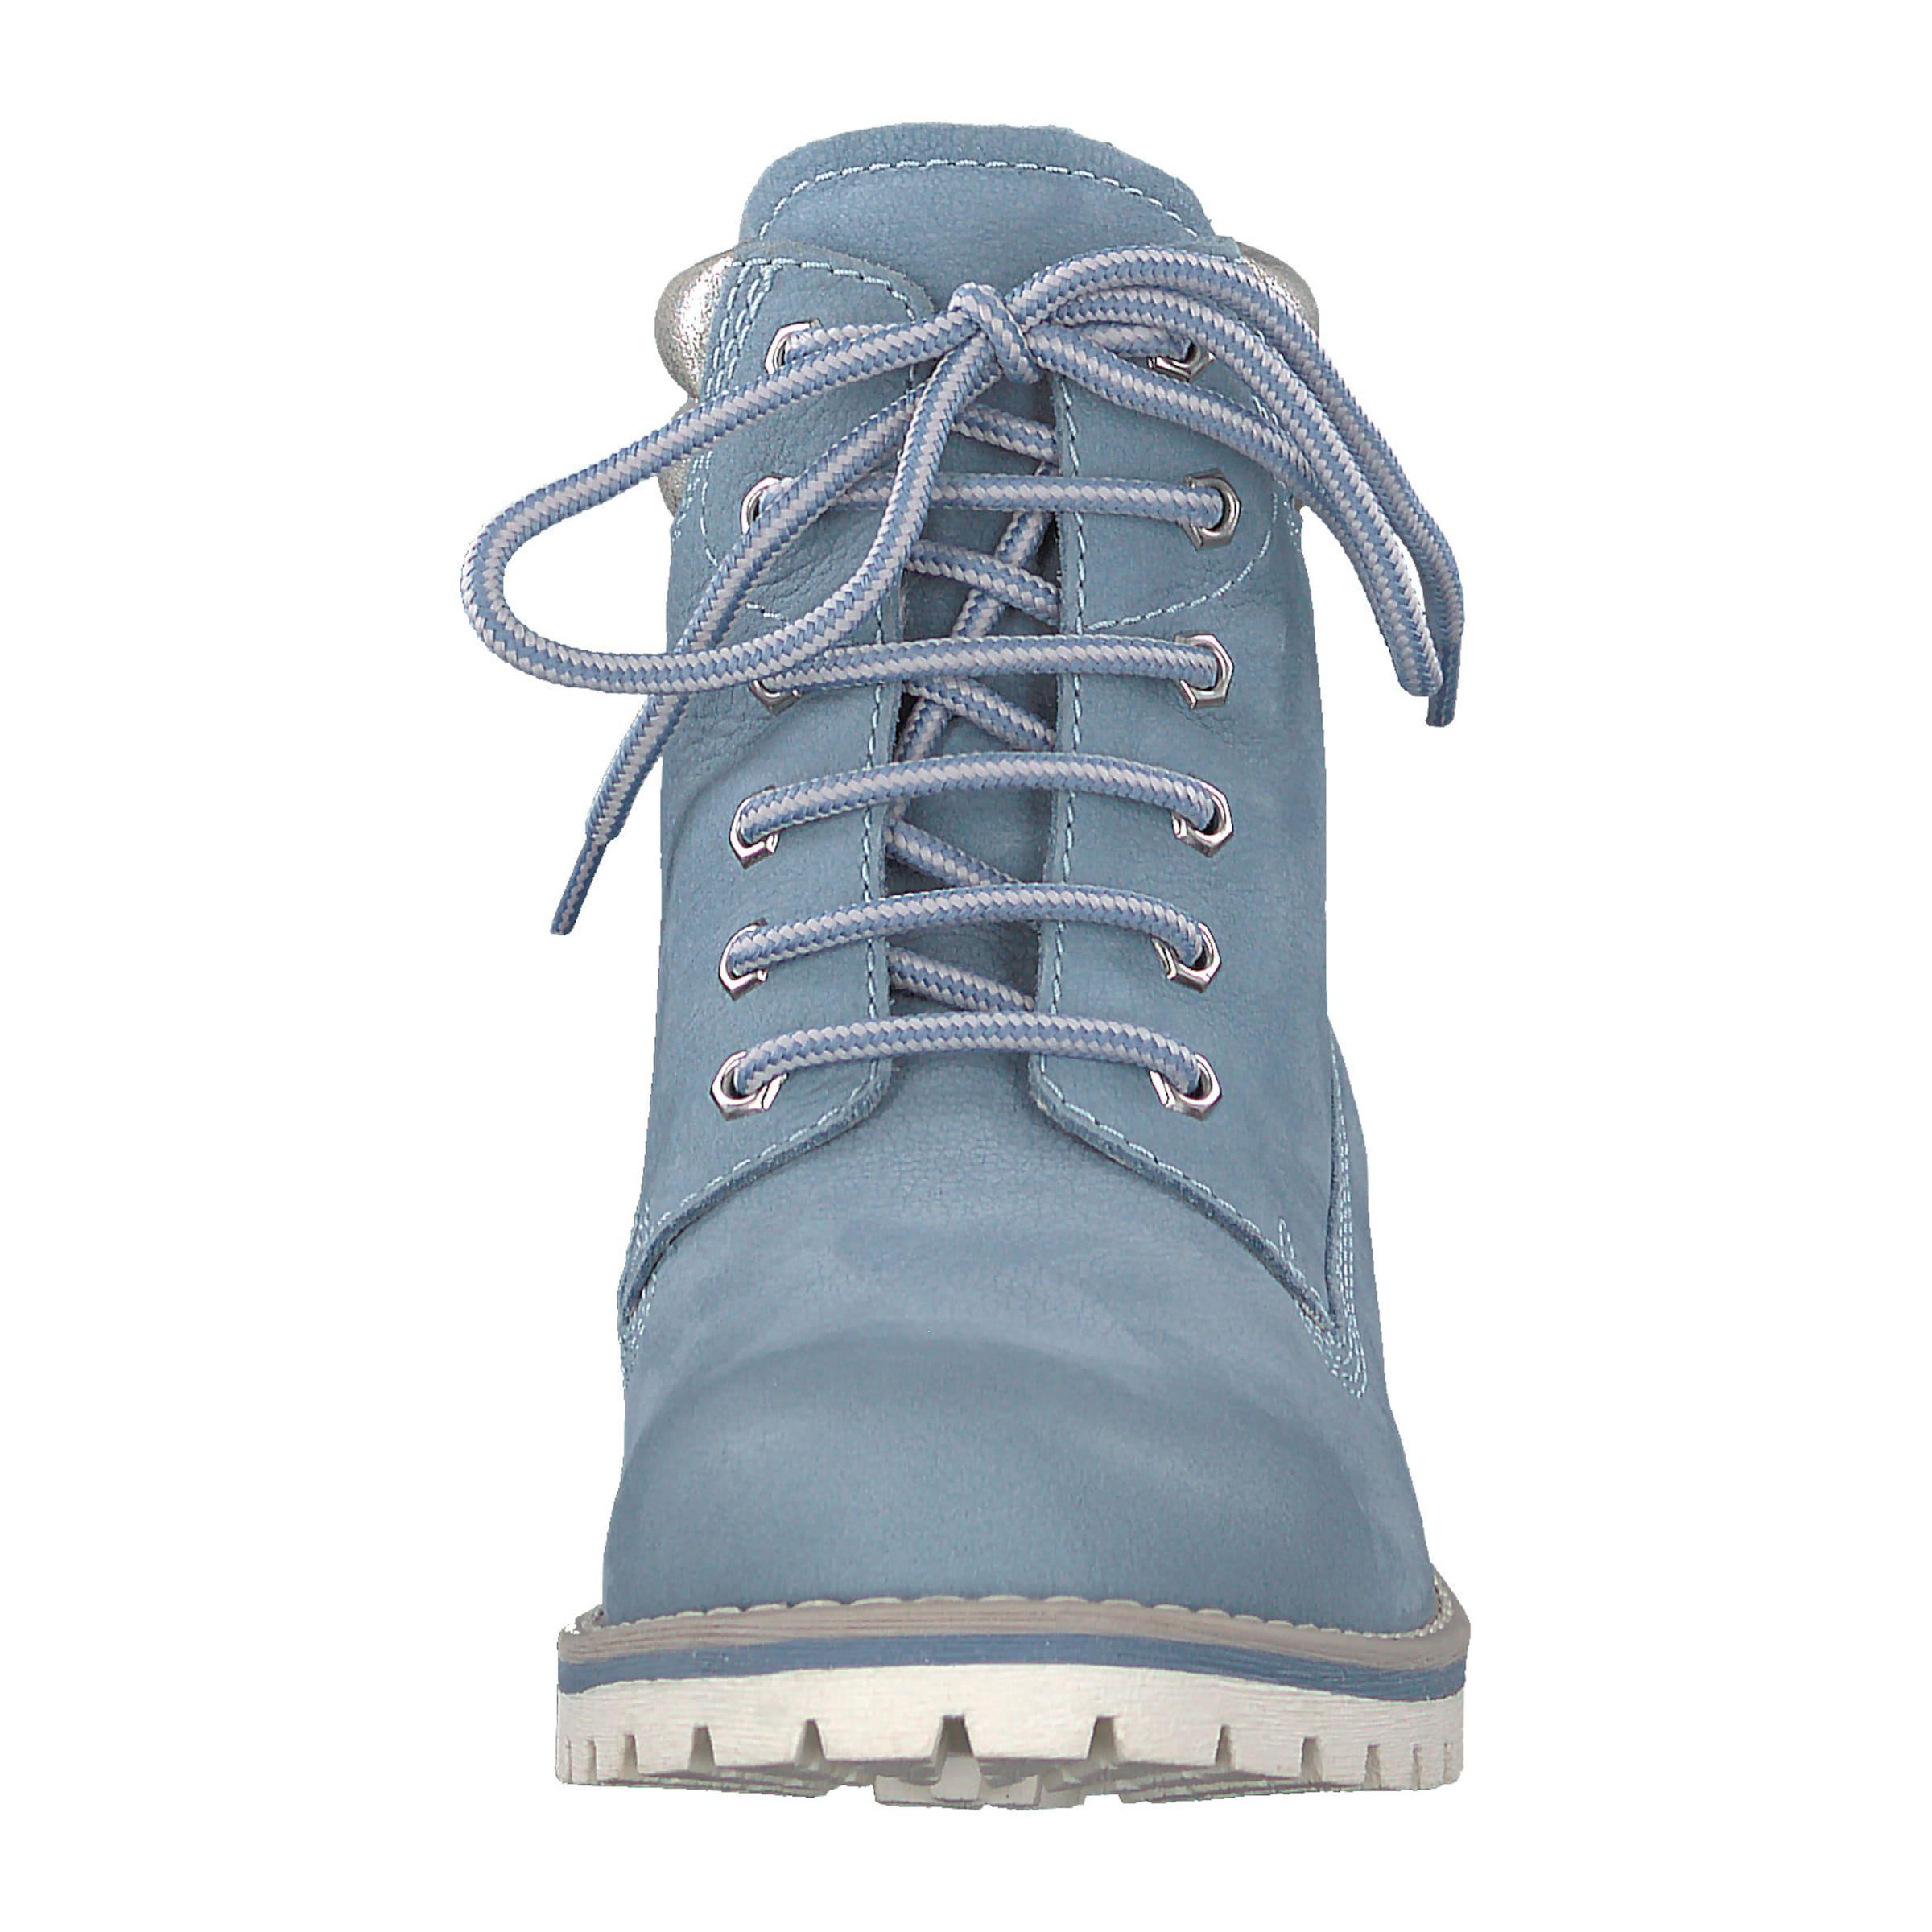 MARCO TOZZI Stiefeletten sonstiges Leder, sonstiges Stiefeletten Material Wilde Freizeitschuhe 820919